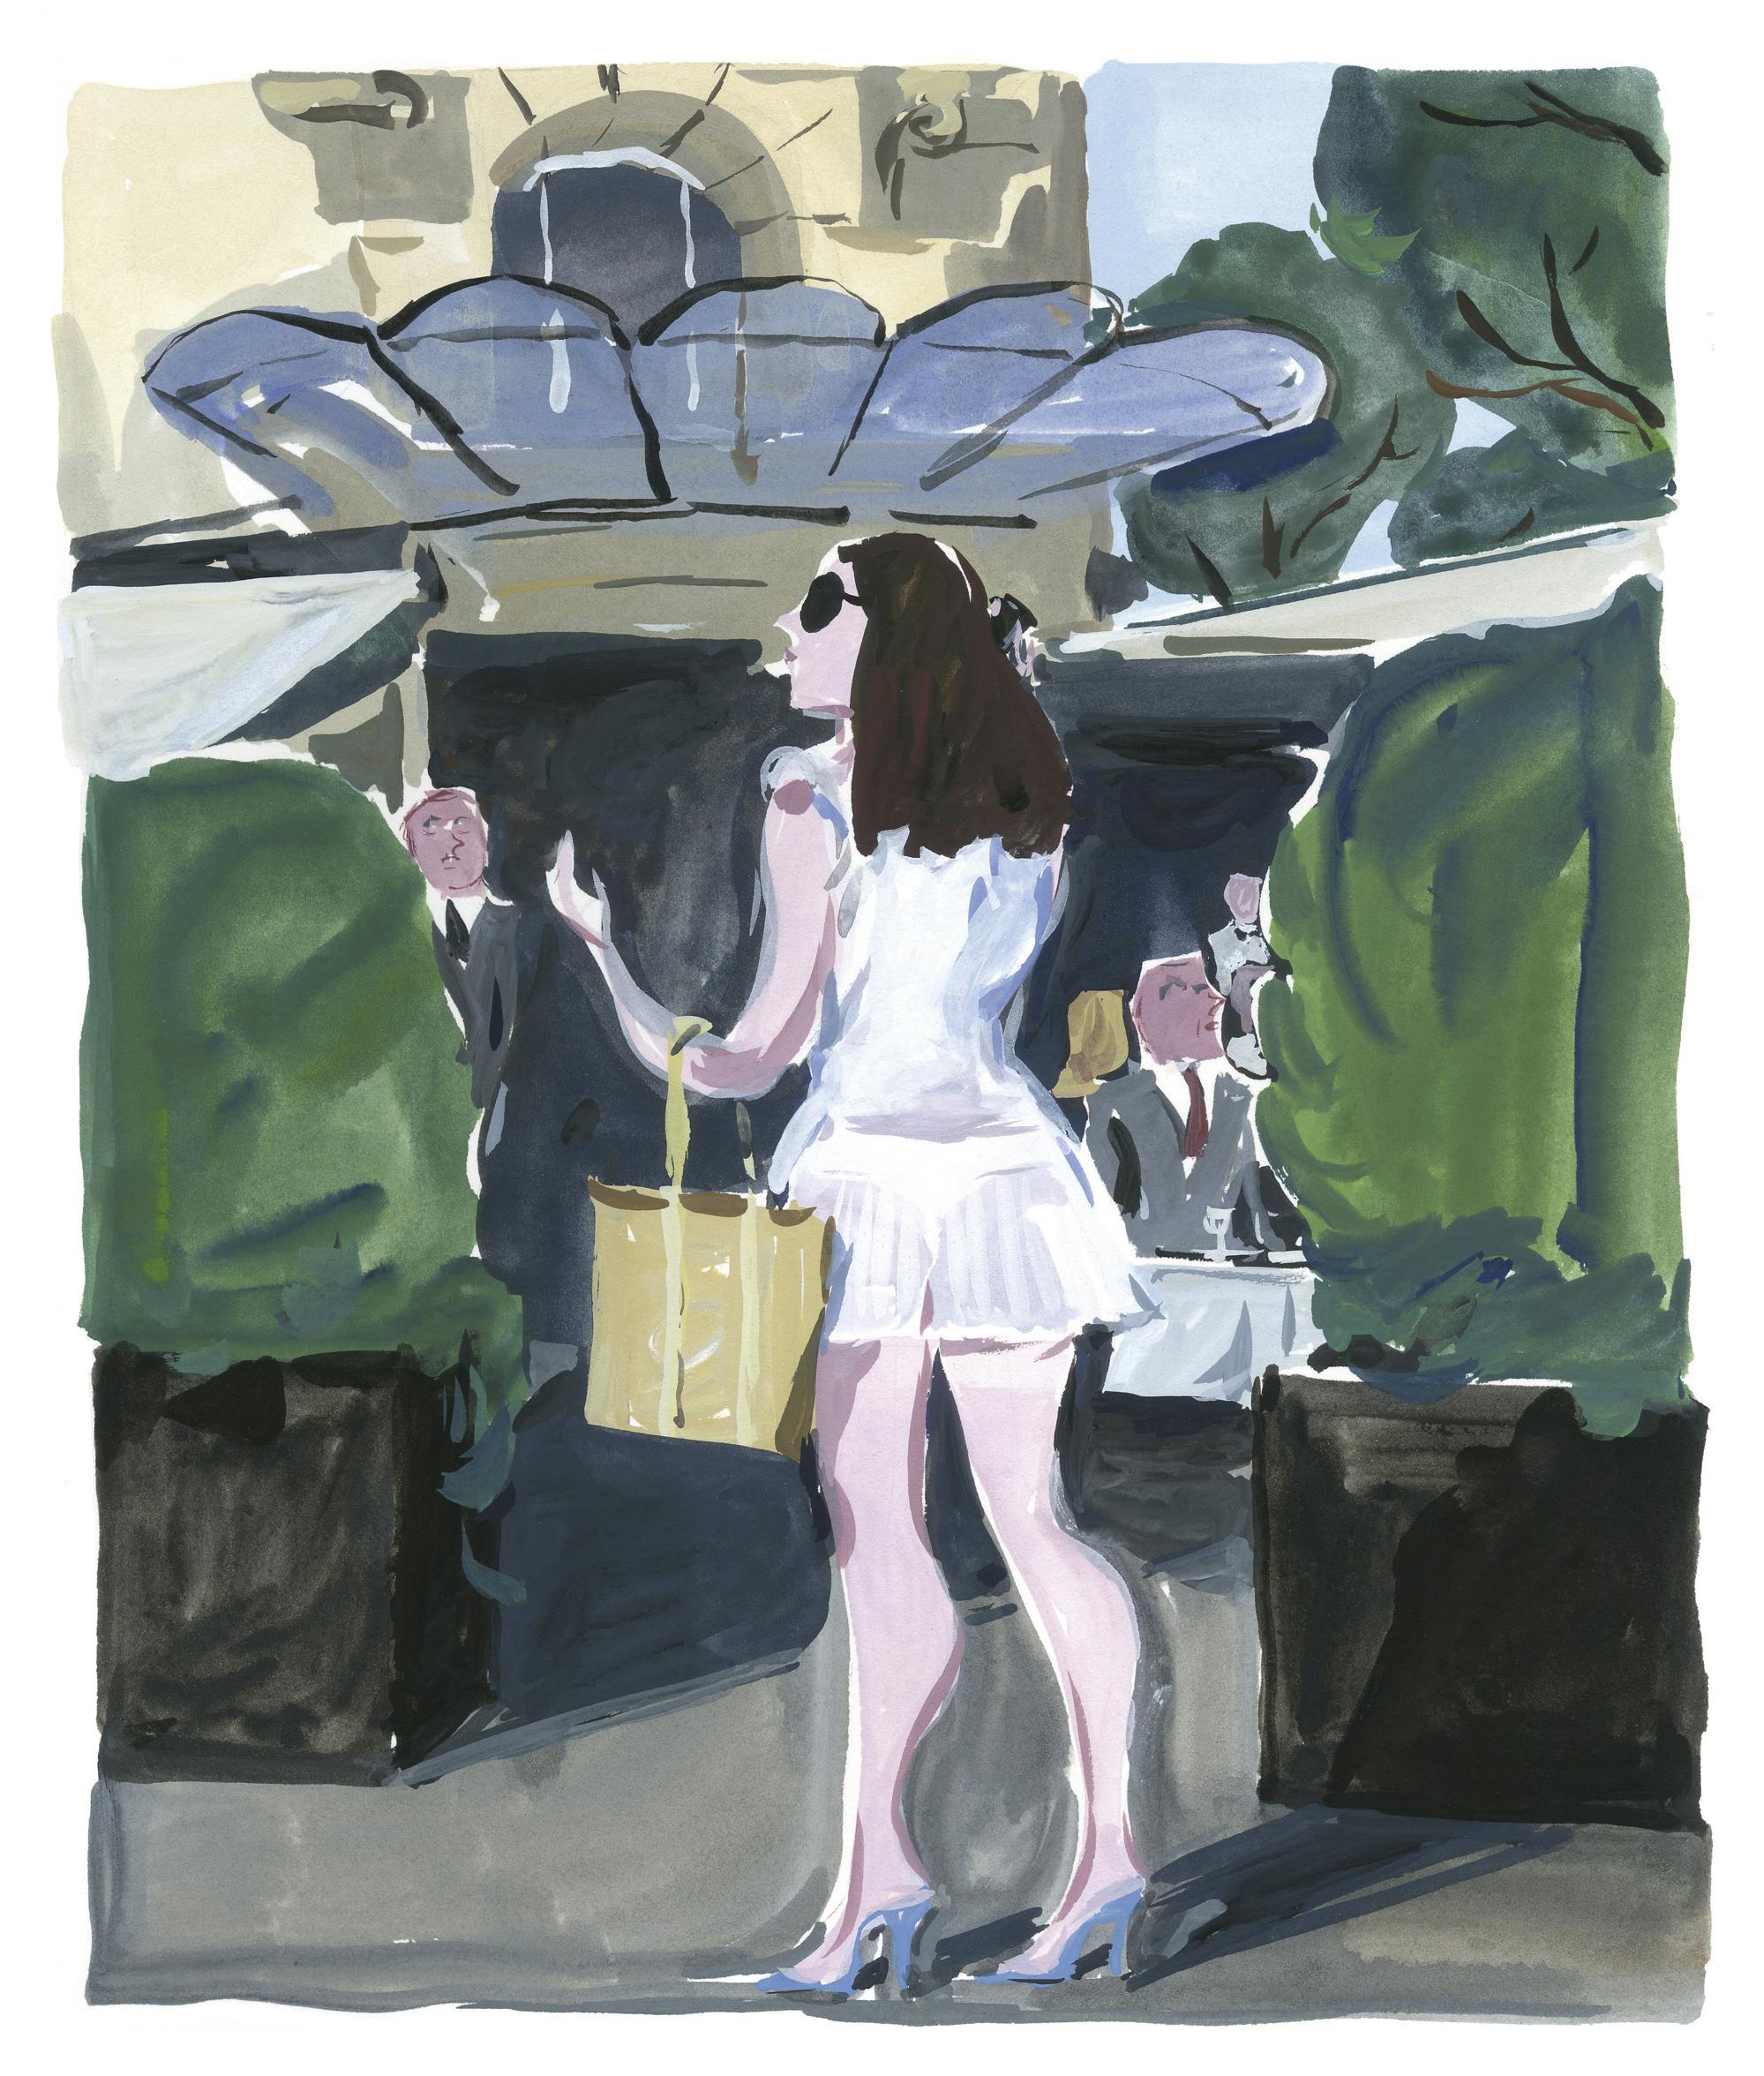 Tagebuch: Paris im Sommer